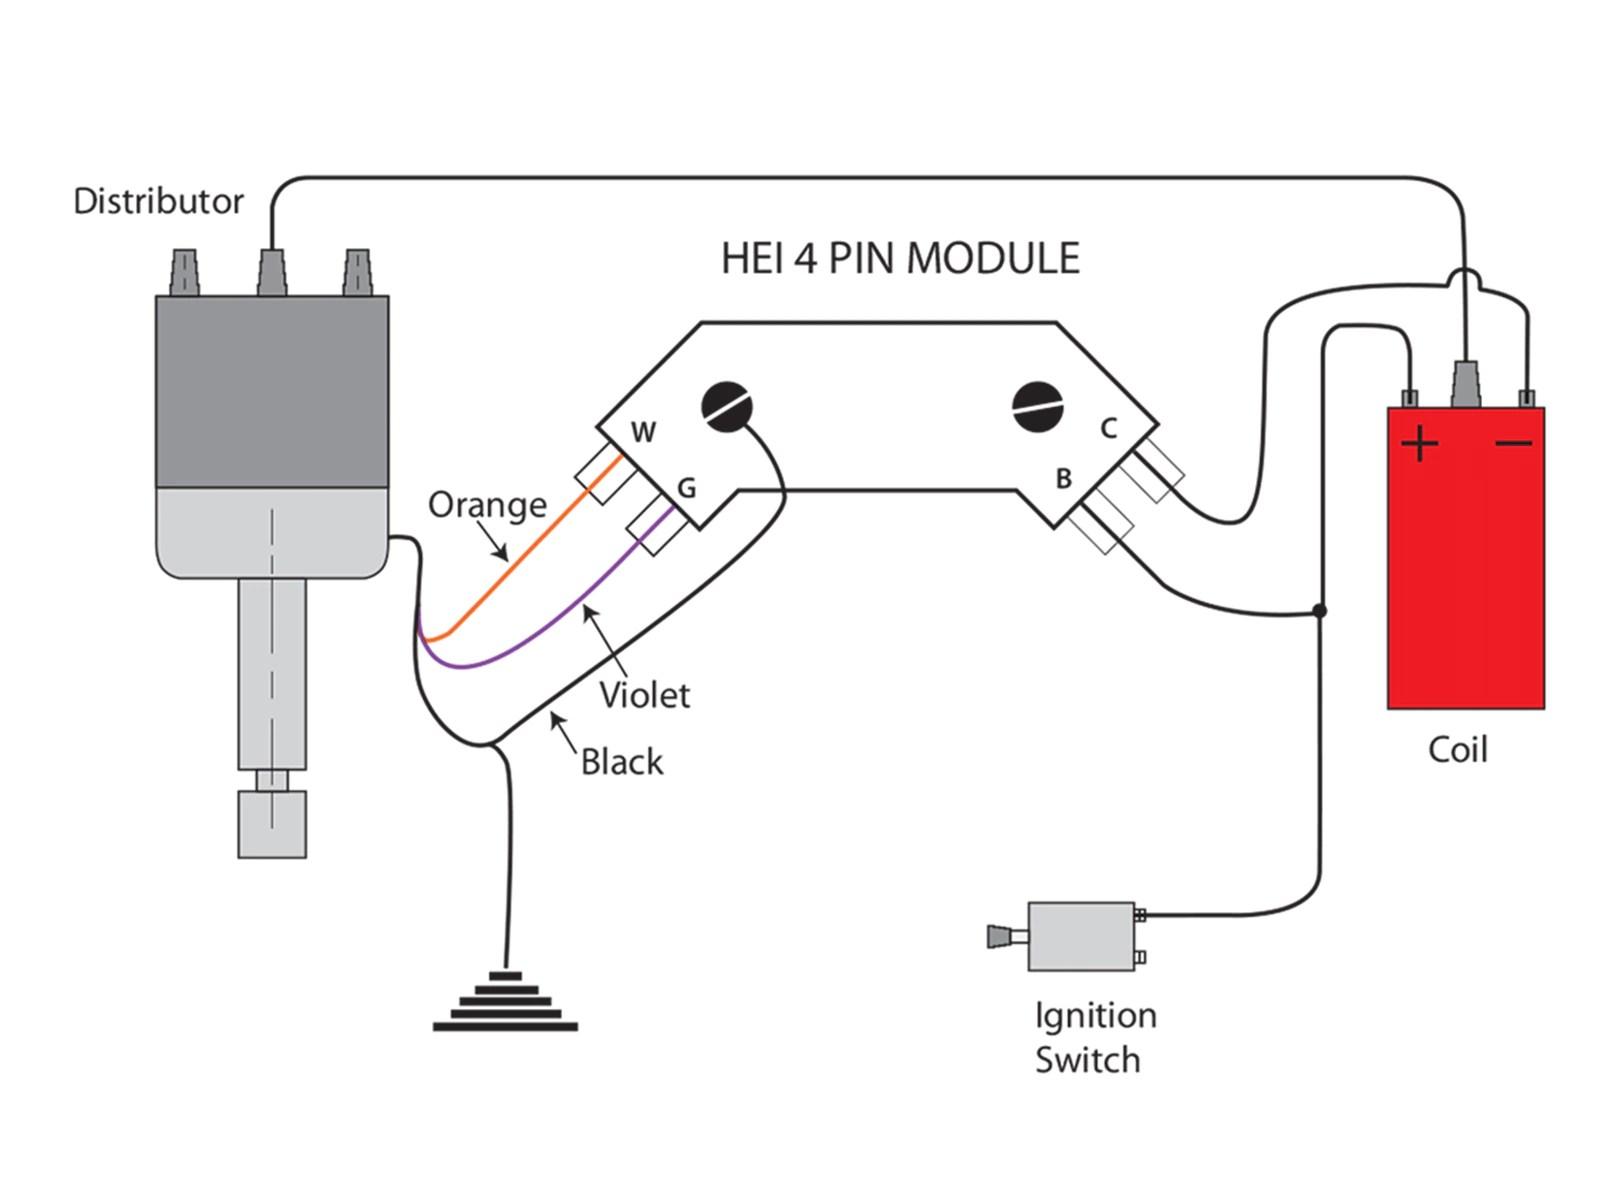 chevy ignition module wiring diagram wiring diagram data schema 4 pin hei module wiring [ 1600 x 1200 Pixel ]